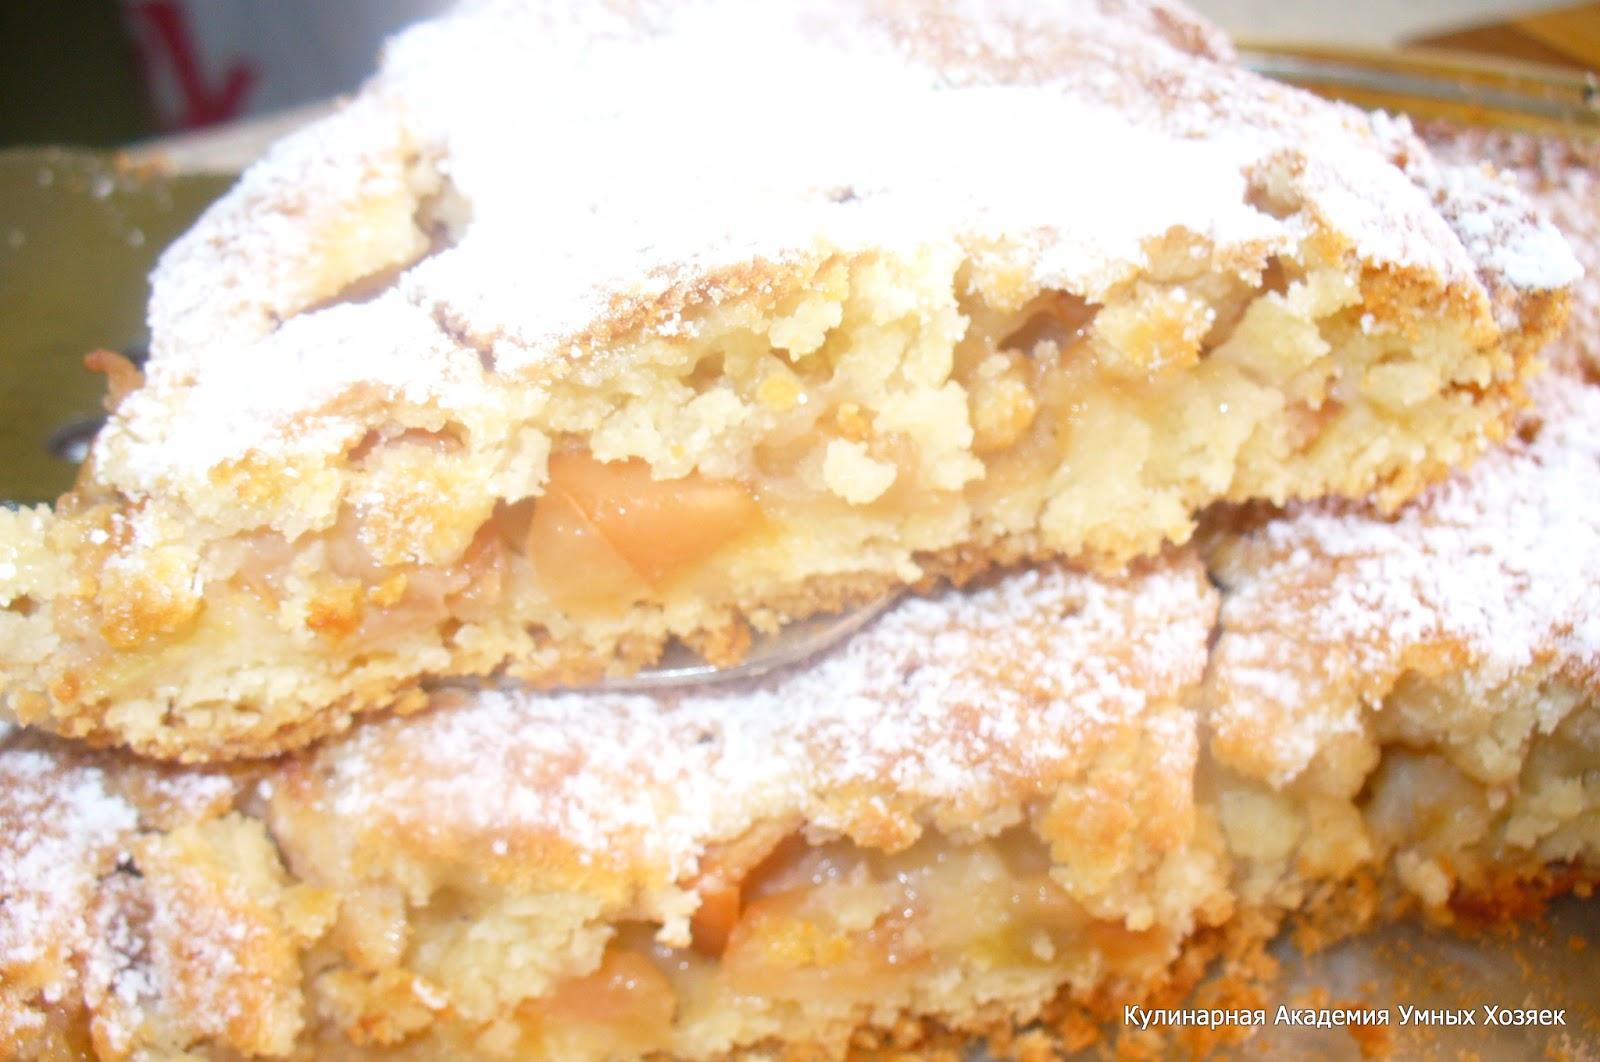 Яблочный пирог с манной крупой рецепт пошагово